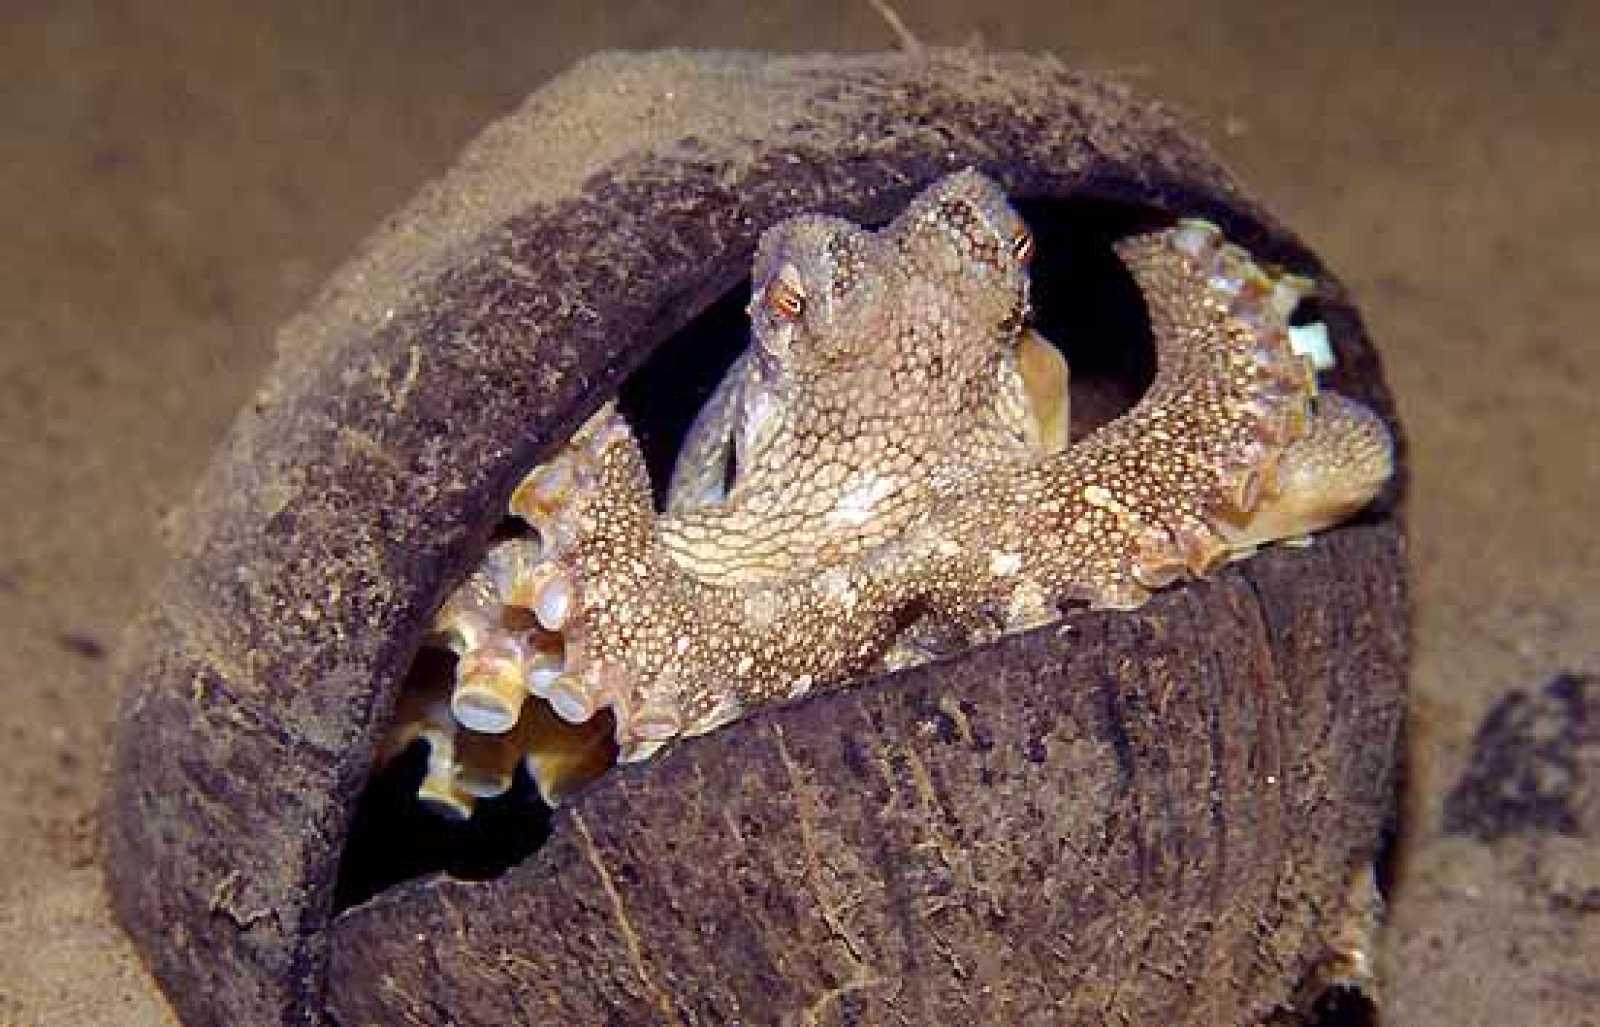 Los Amphioctopus marginatus suelen llevar encima dos cáscaras de coco. Cuando sienten peligro se colocan dentro de una mitad y se tapan con la otra. Es la primera vez que se detecta el uso de herramientas en animales invertebrados. Hasta el momento s